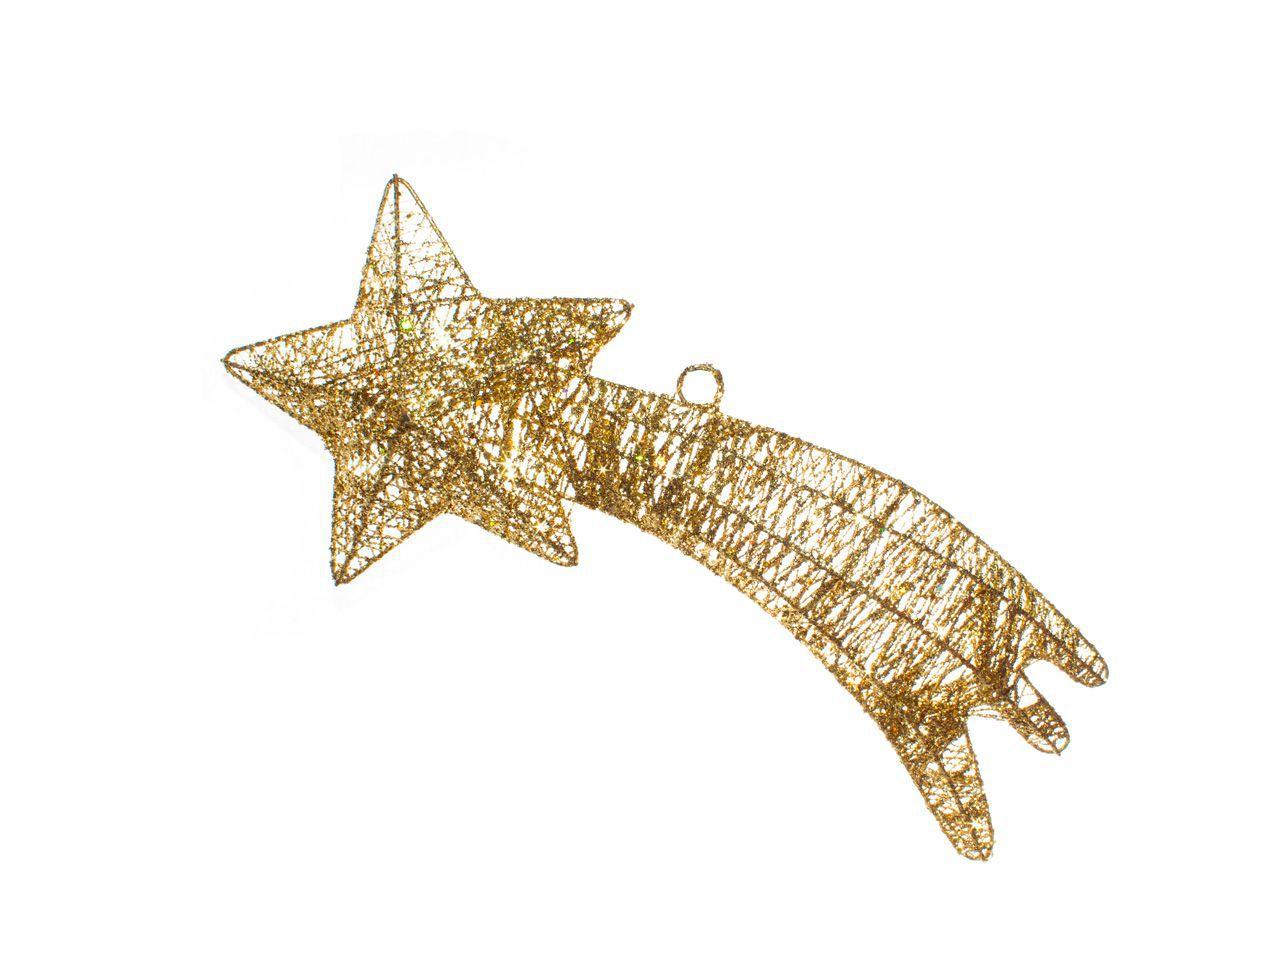 Pendente Estrela Cadente Dourada -  1 Un